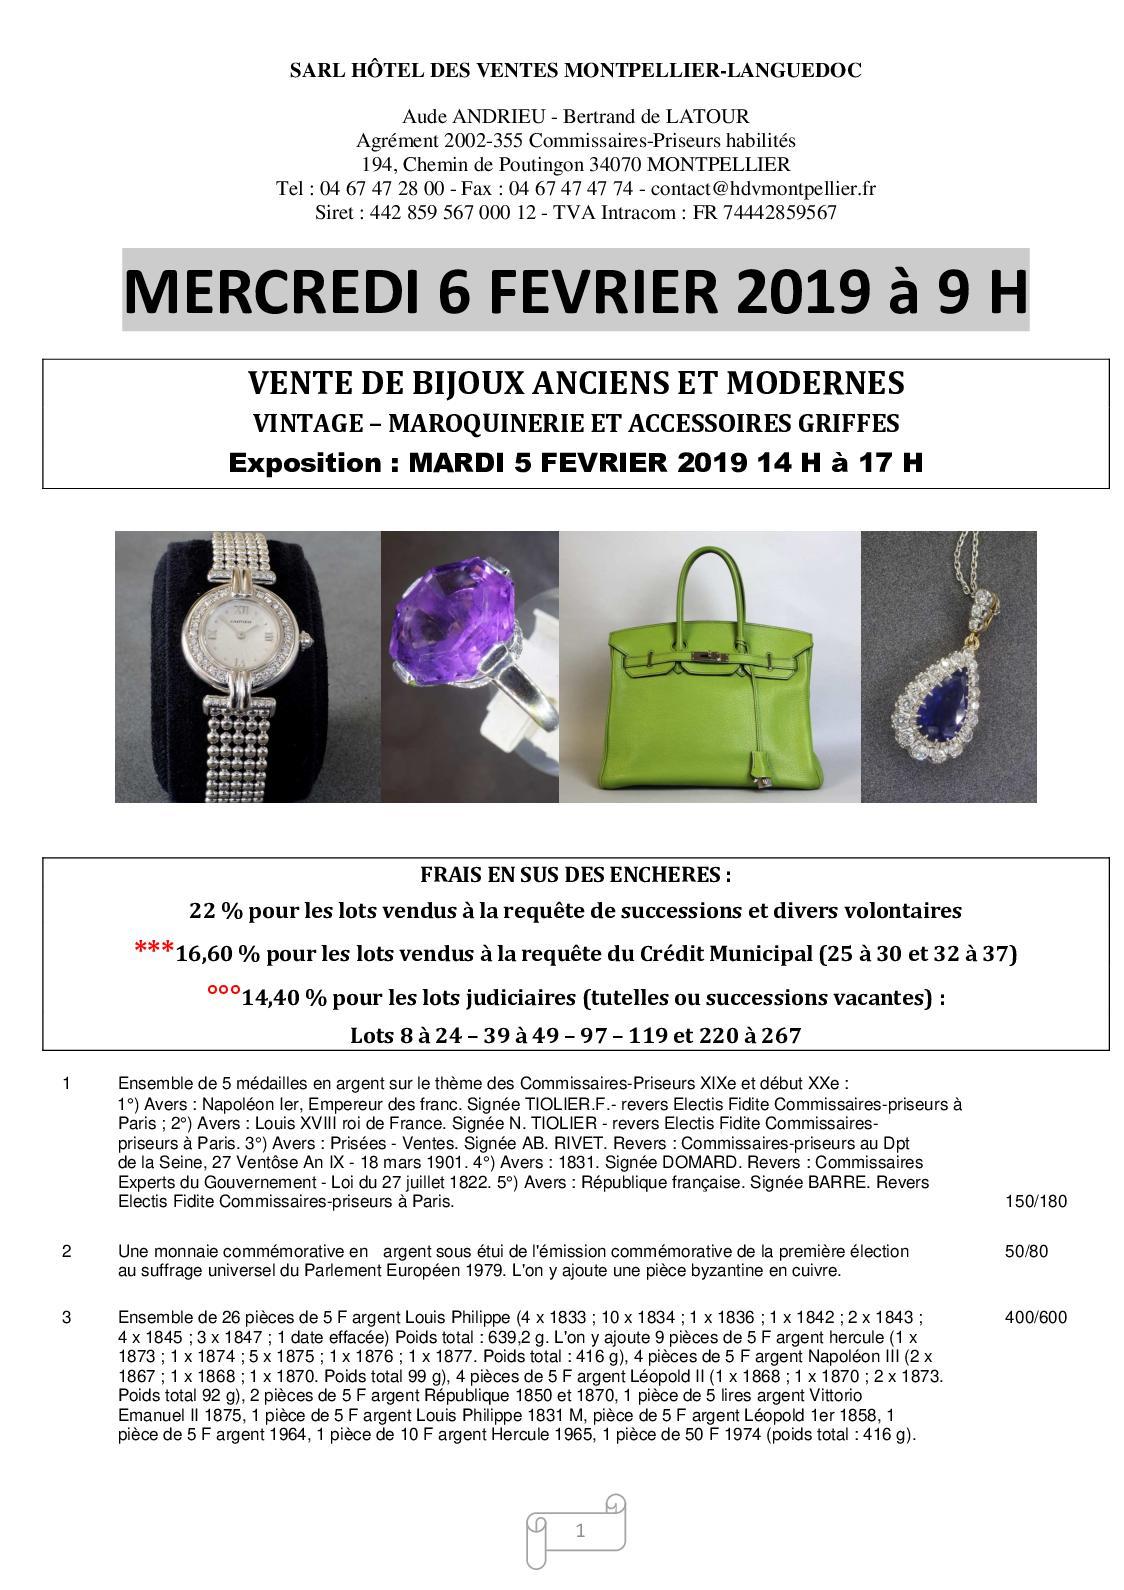 Calaméo - Bijoux anciens, modernes, vêtements et accessoires vintage -  Mercredi 06 février 2019 à 09 00 f35494227e3